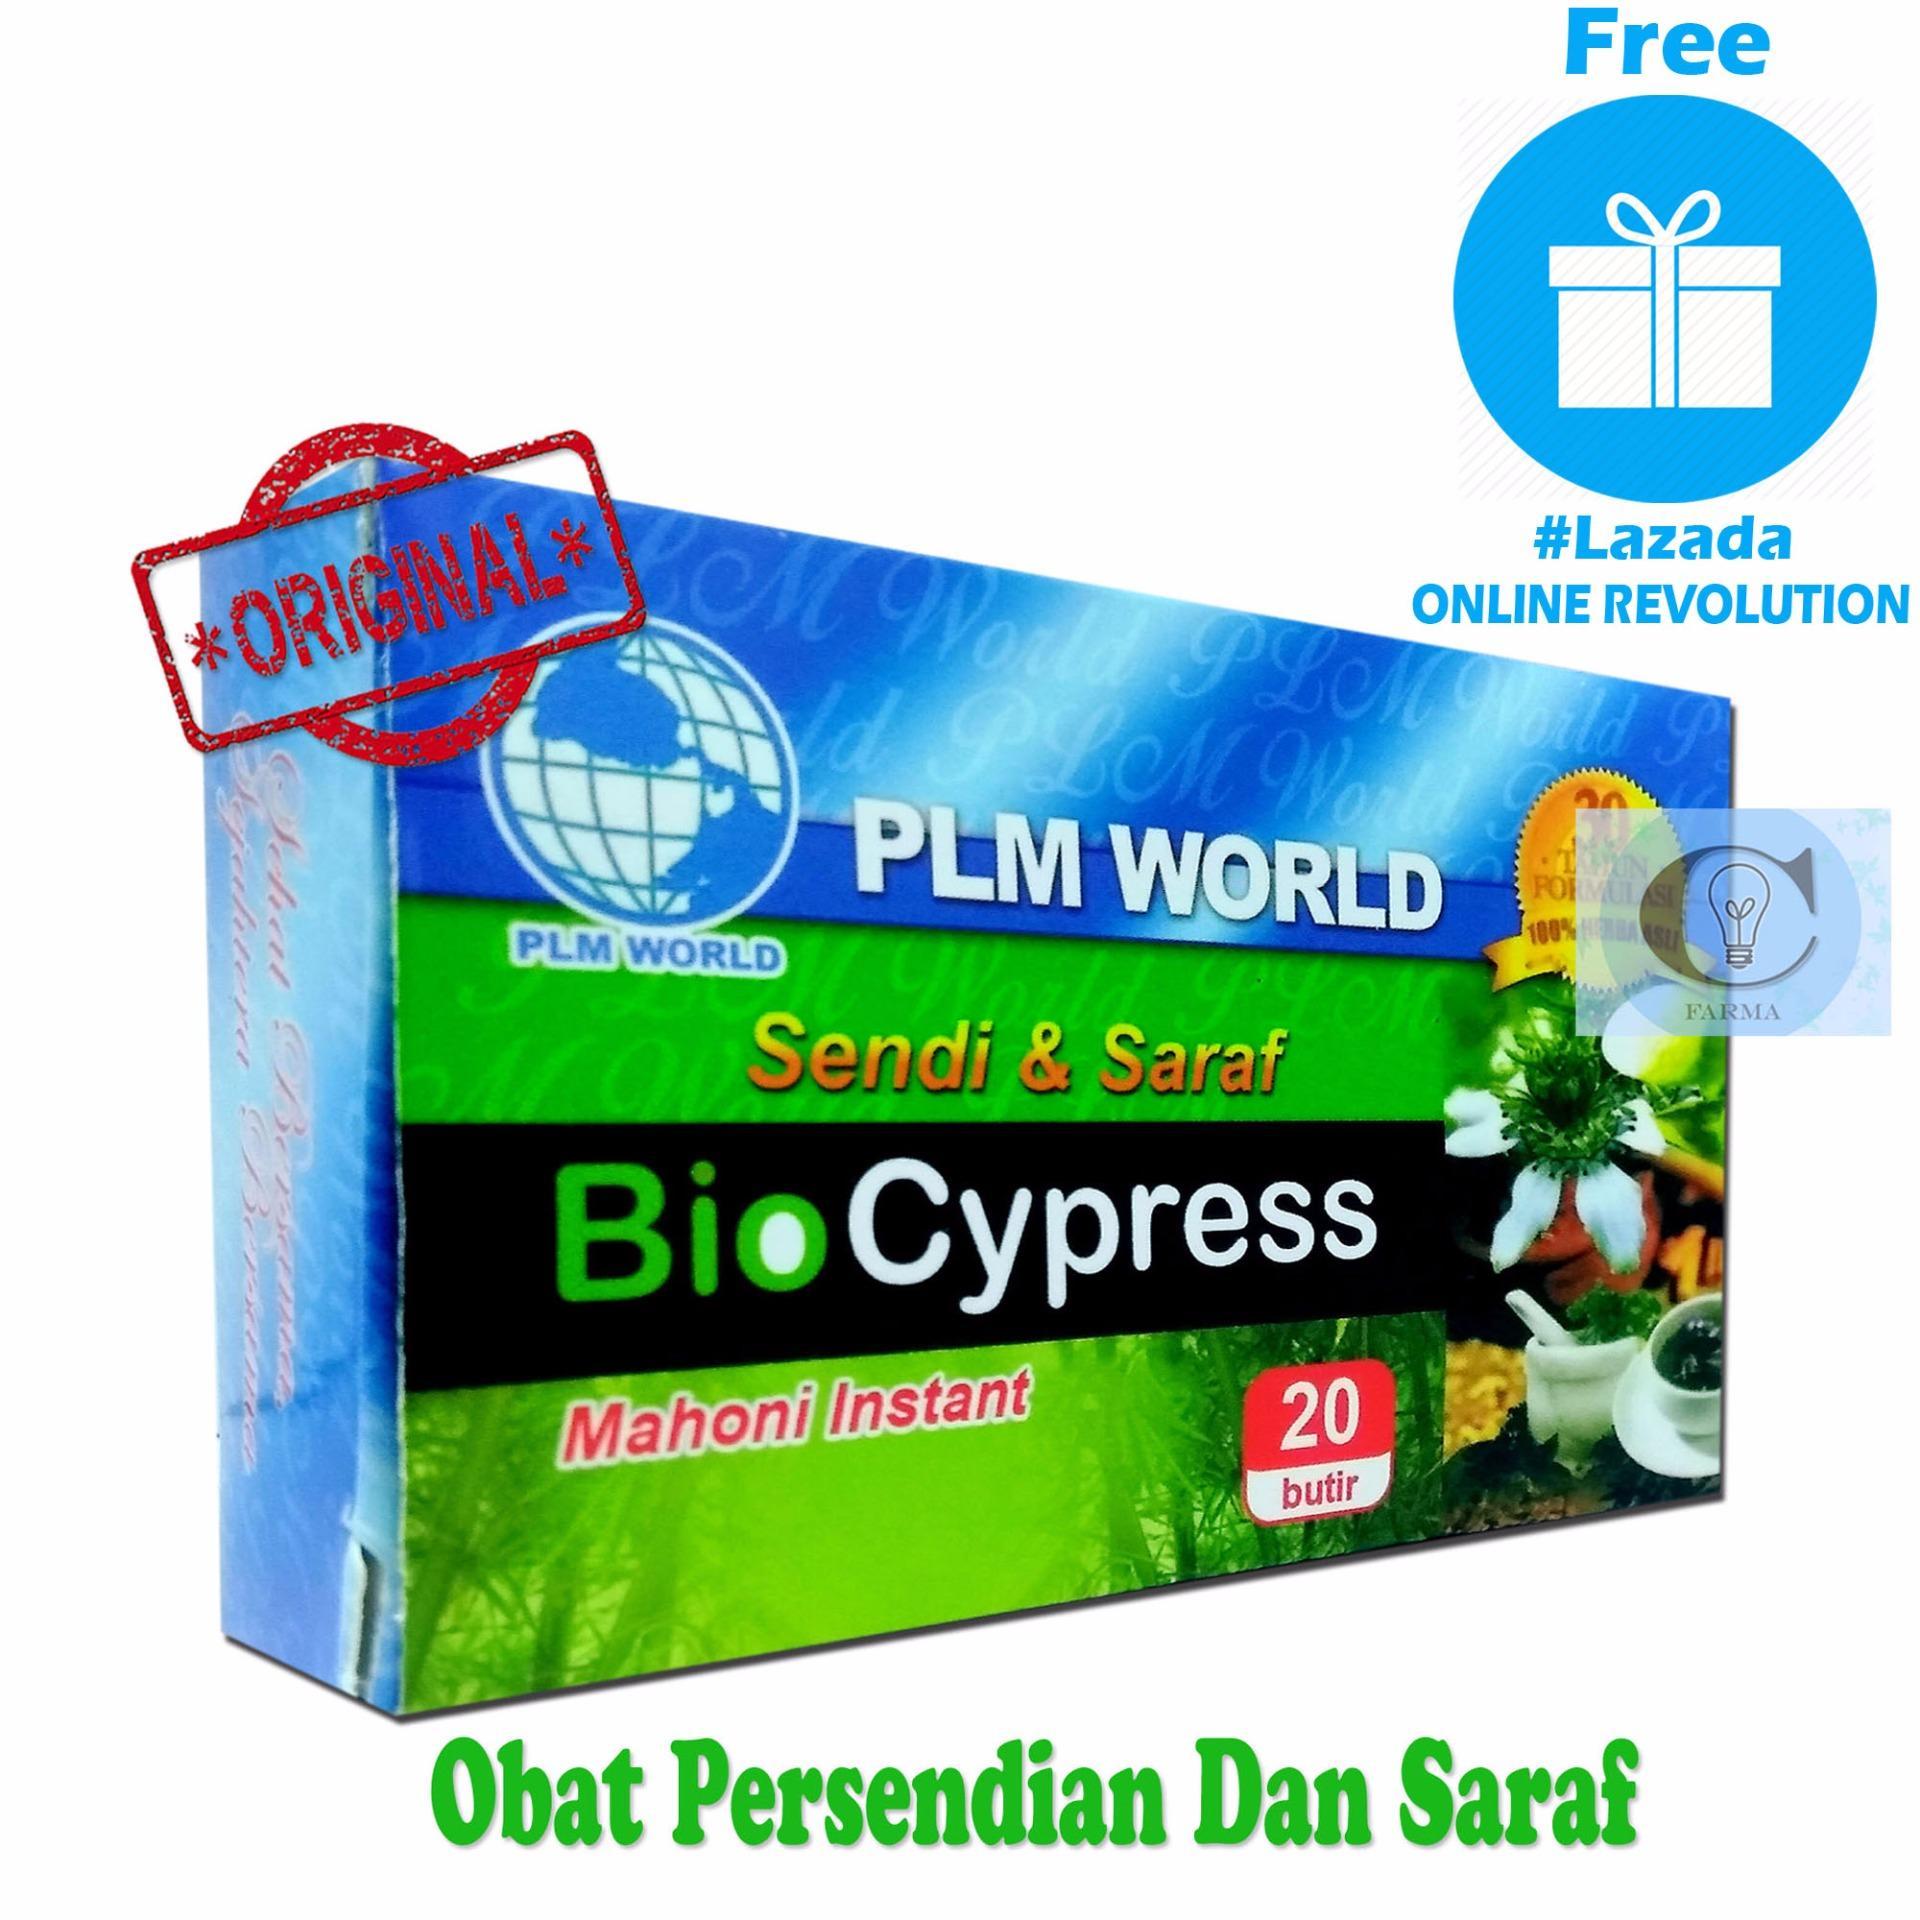 Periksa Peringkat Bio Cypress Obat Persendian Dan Saraf Herbal Psoriasis Akut